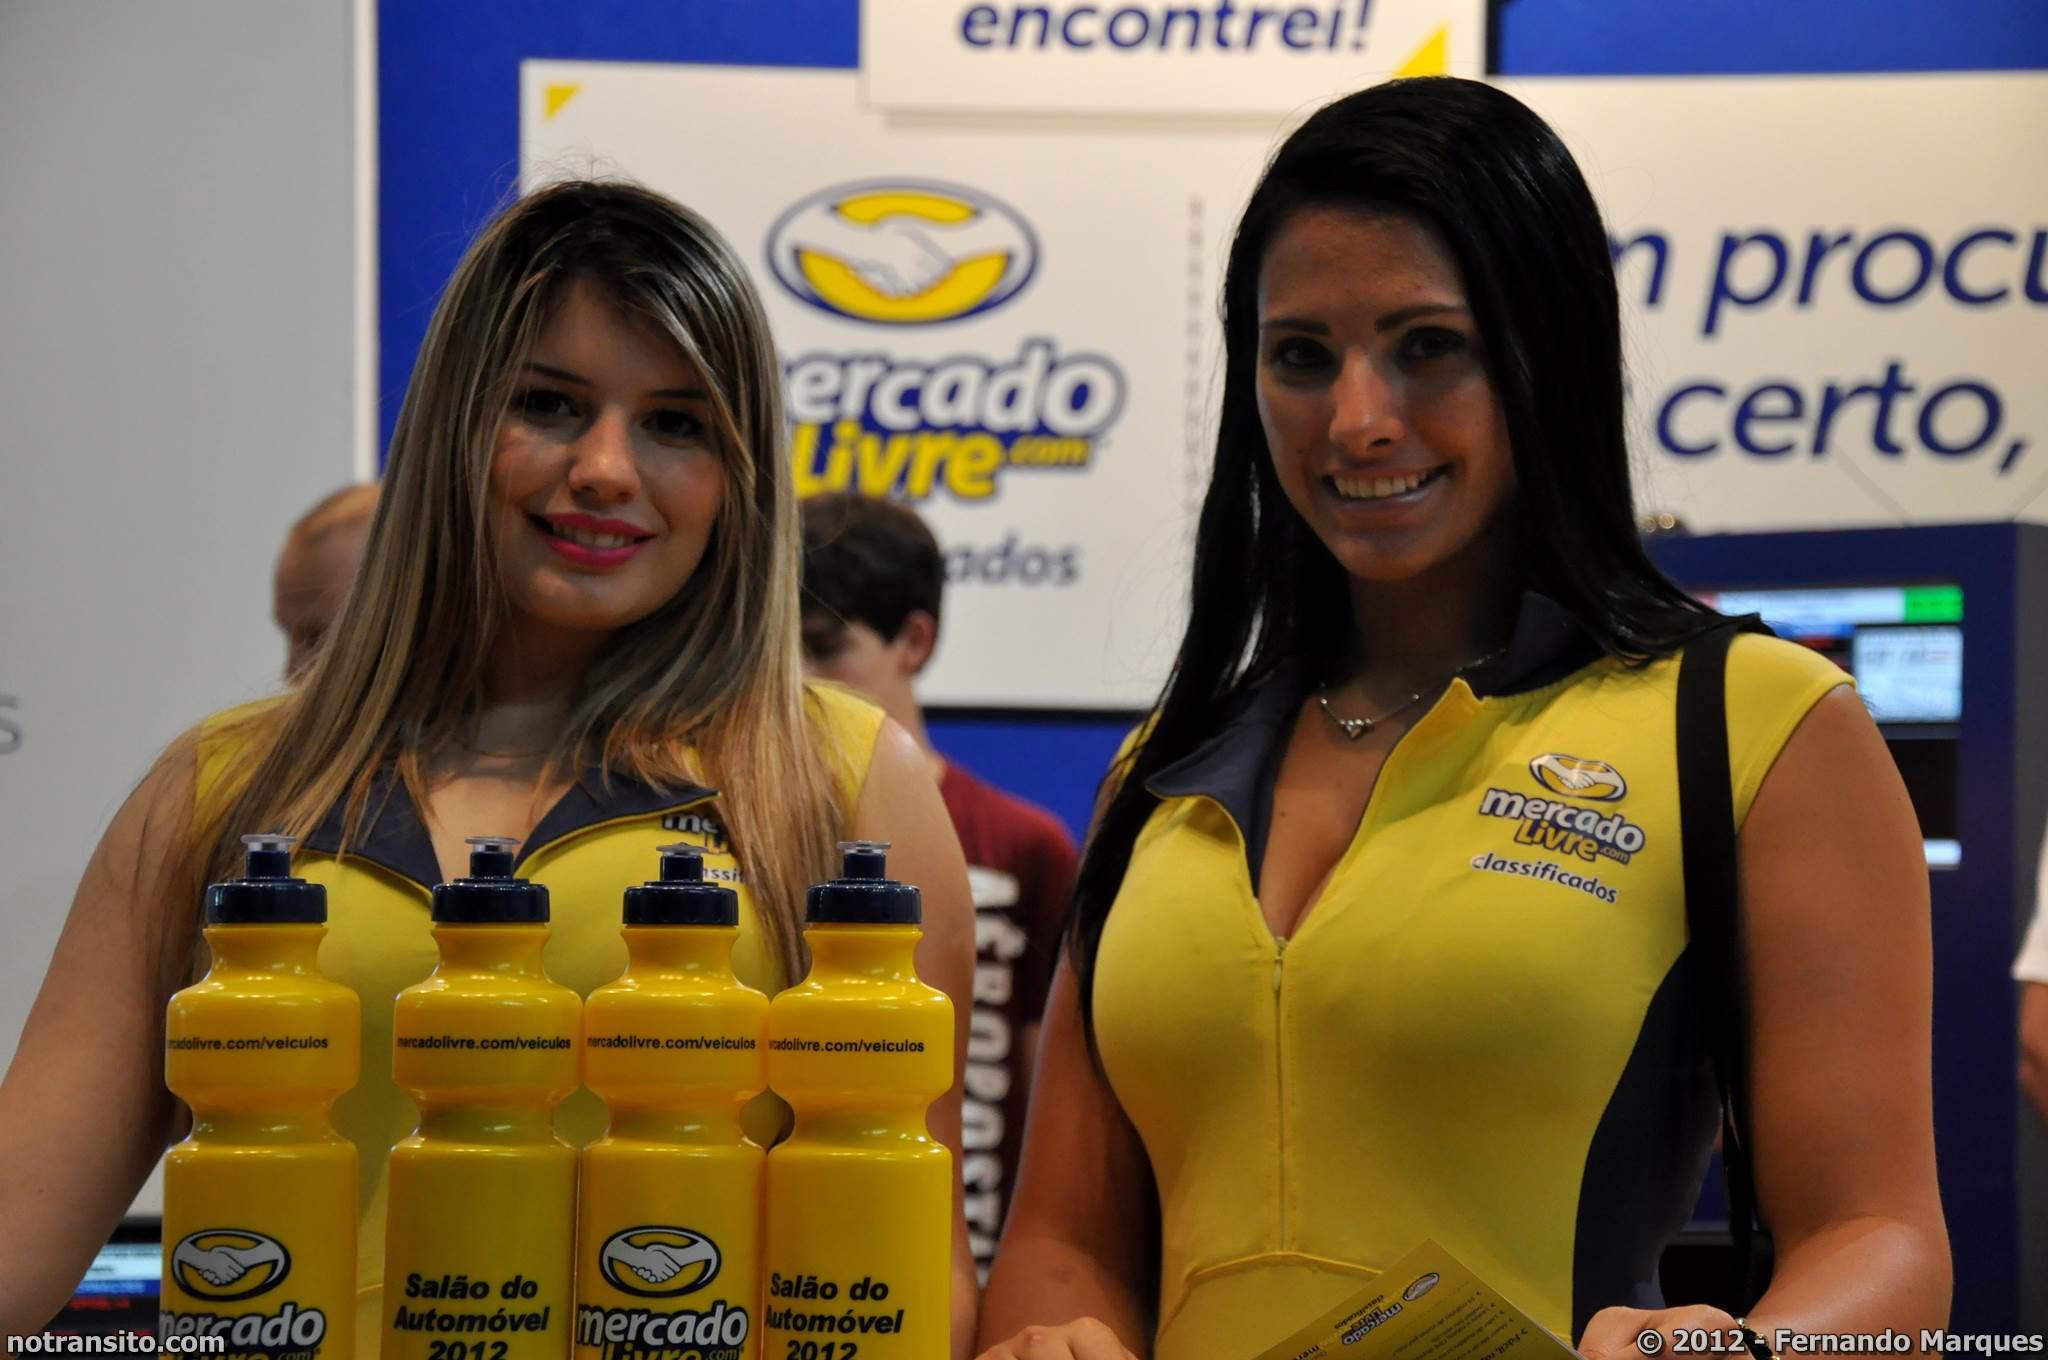 Salão do Automóvel de São Paulo 2012, 27º Salão do Automóvel de São Paulo, Modelos do Salão do Automóvel 2012, Modelos do Salão do Automóvel, Gatas do Salão do Automóvel, Gatas do Salão do Automóvel 2012